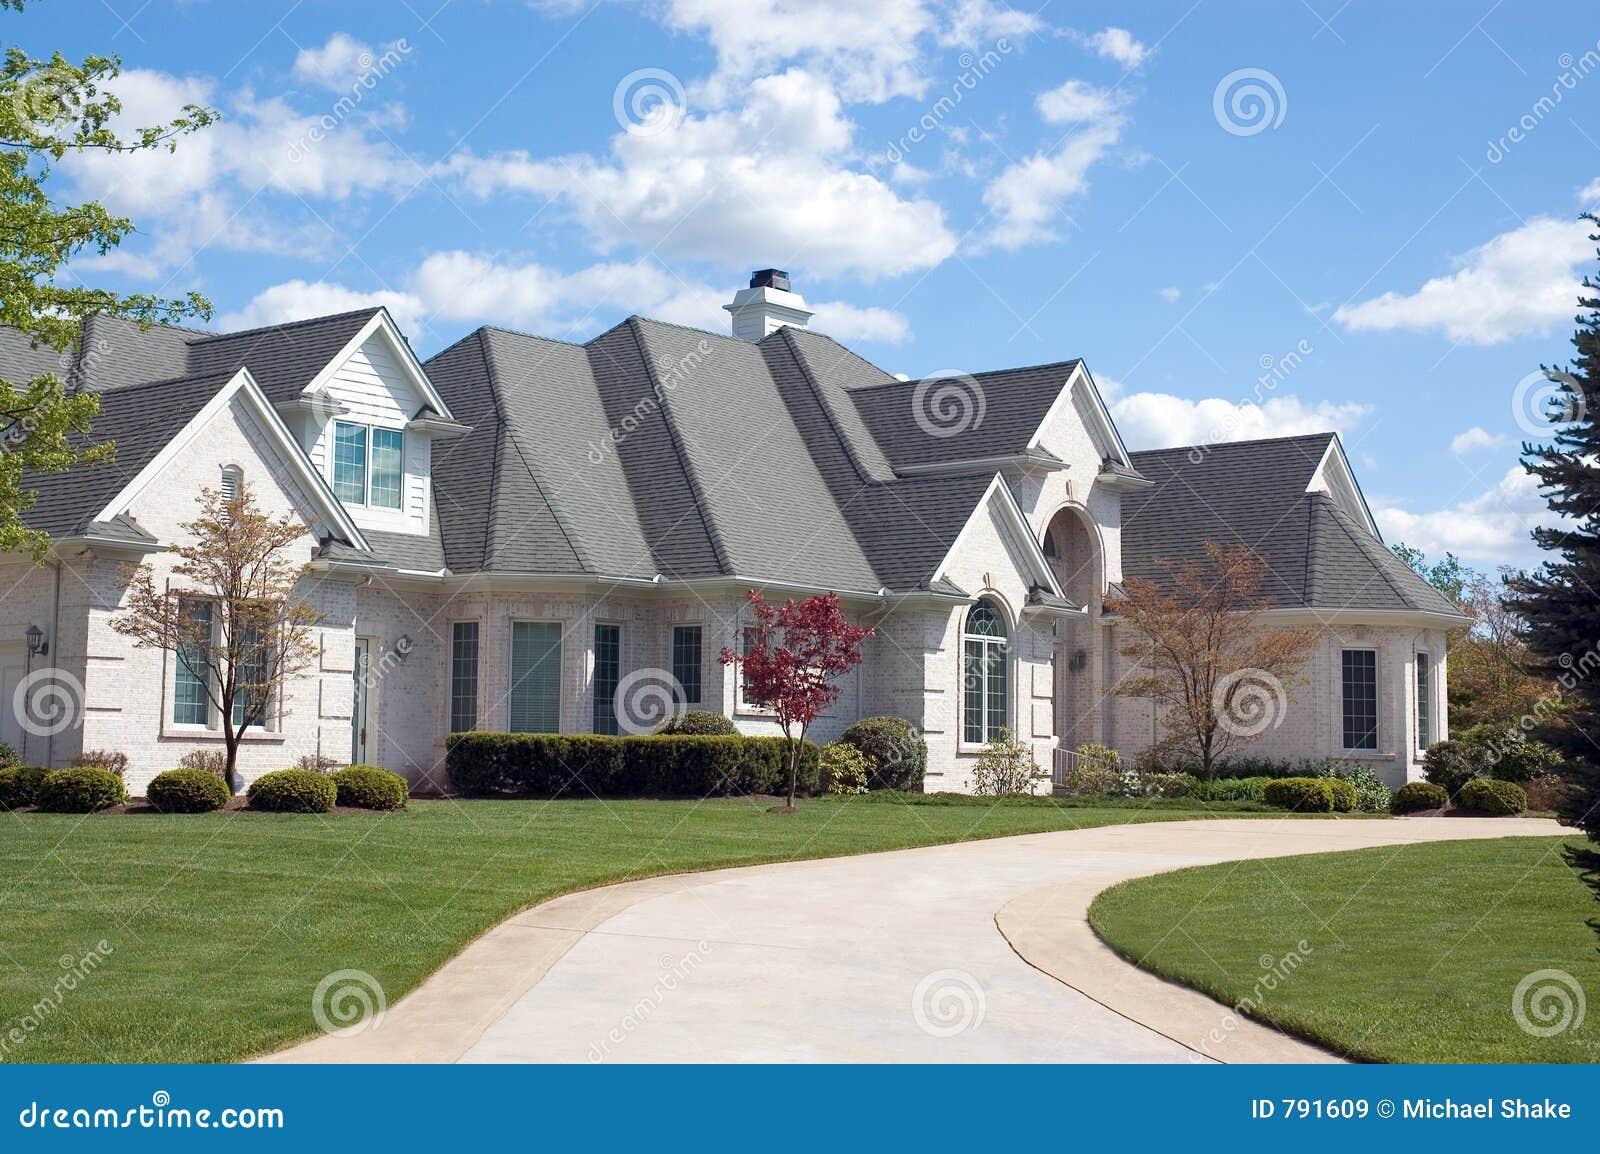 Maison neuve 116 images libres de droits image 791609 for Exterieur maison neuve